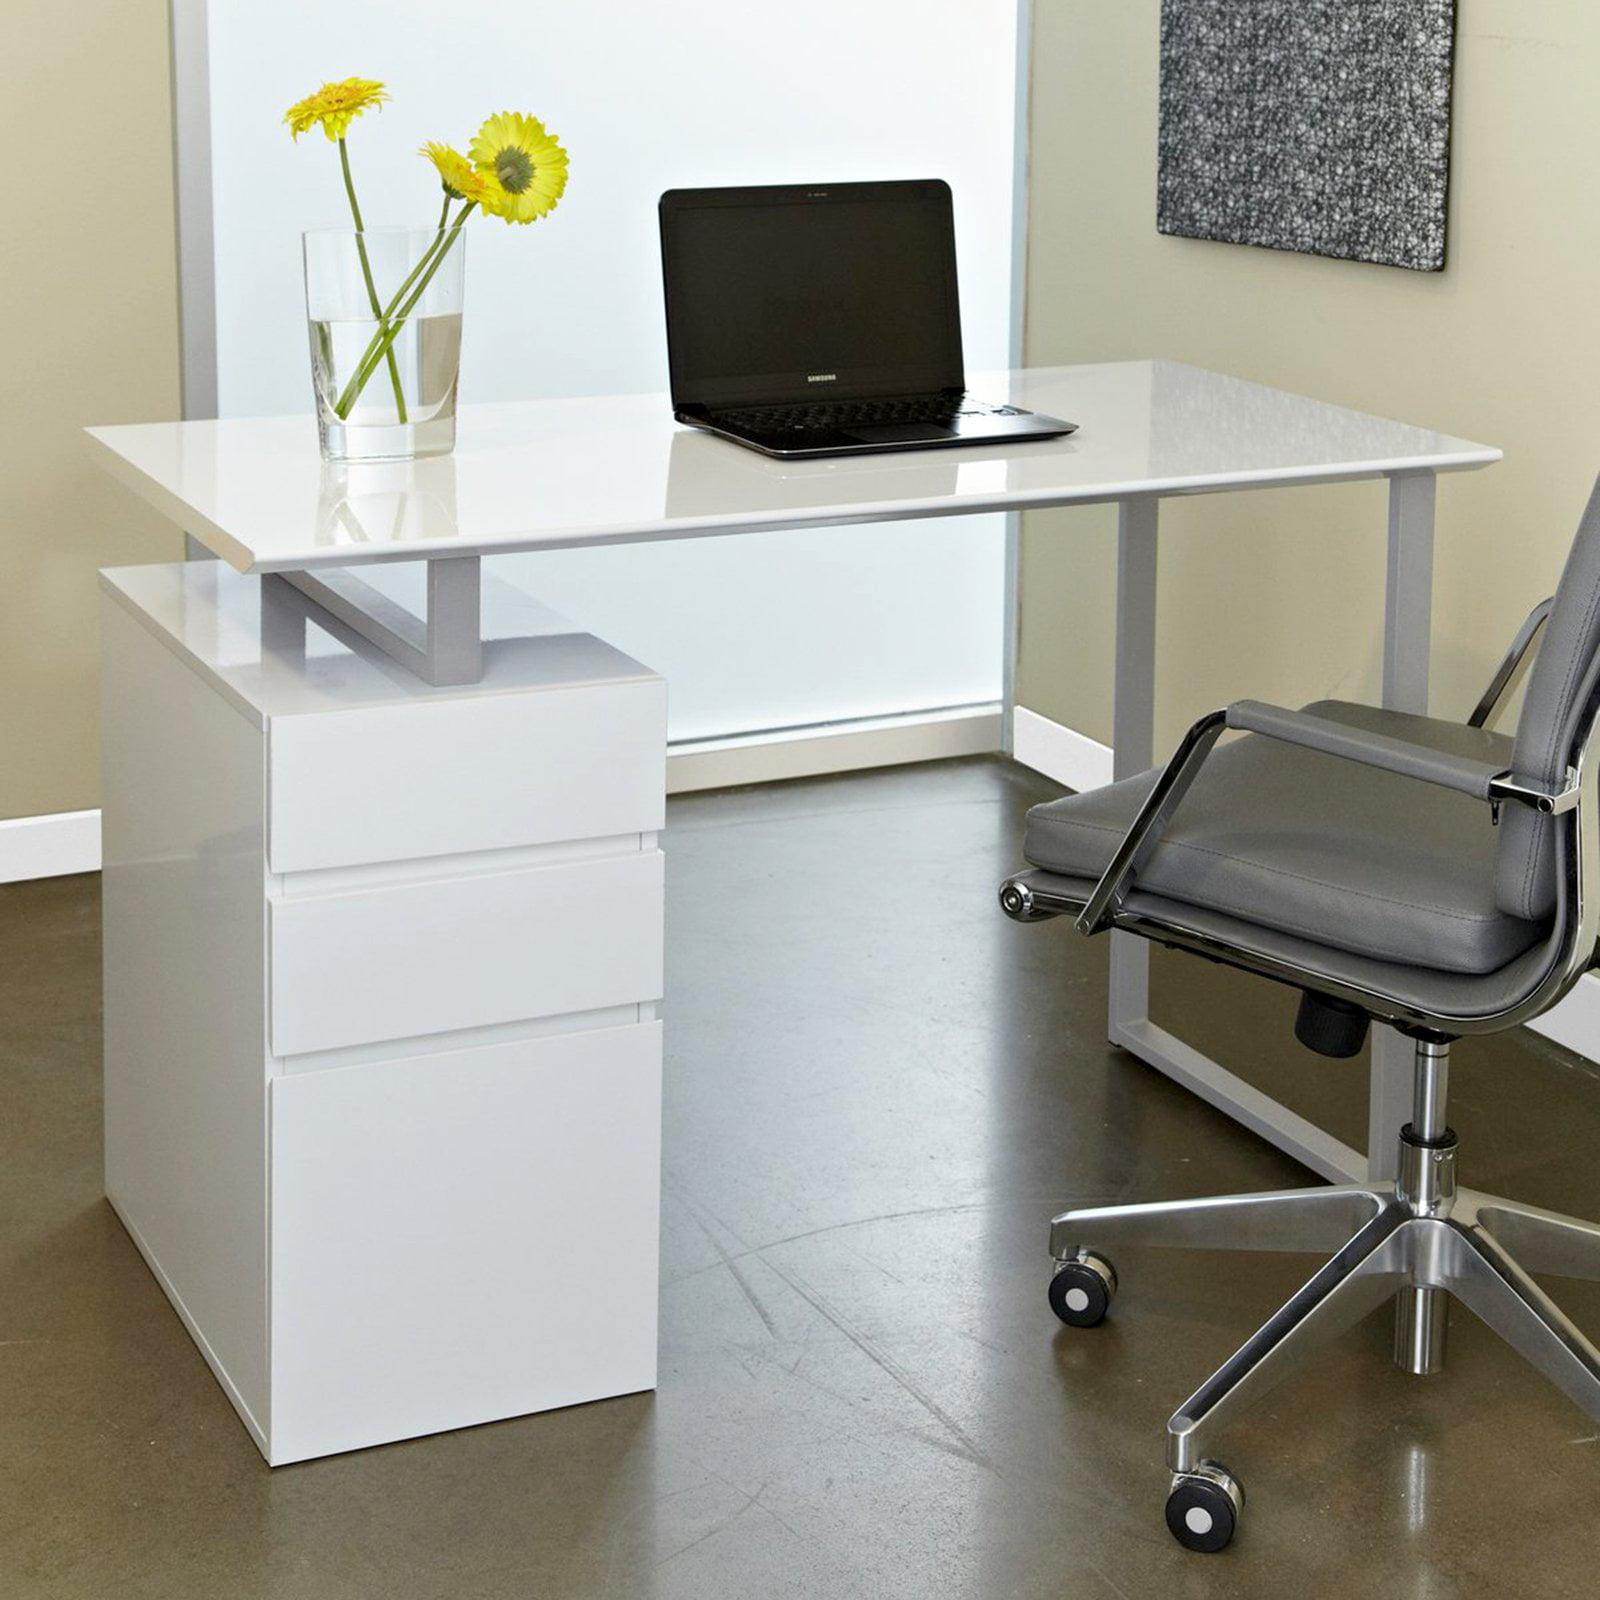 Genial Tribeca Study Desk With Drawers   Walmart.com